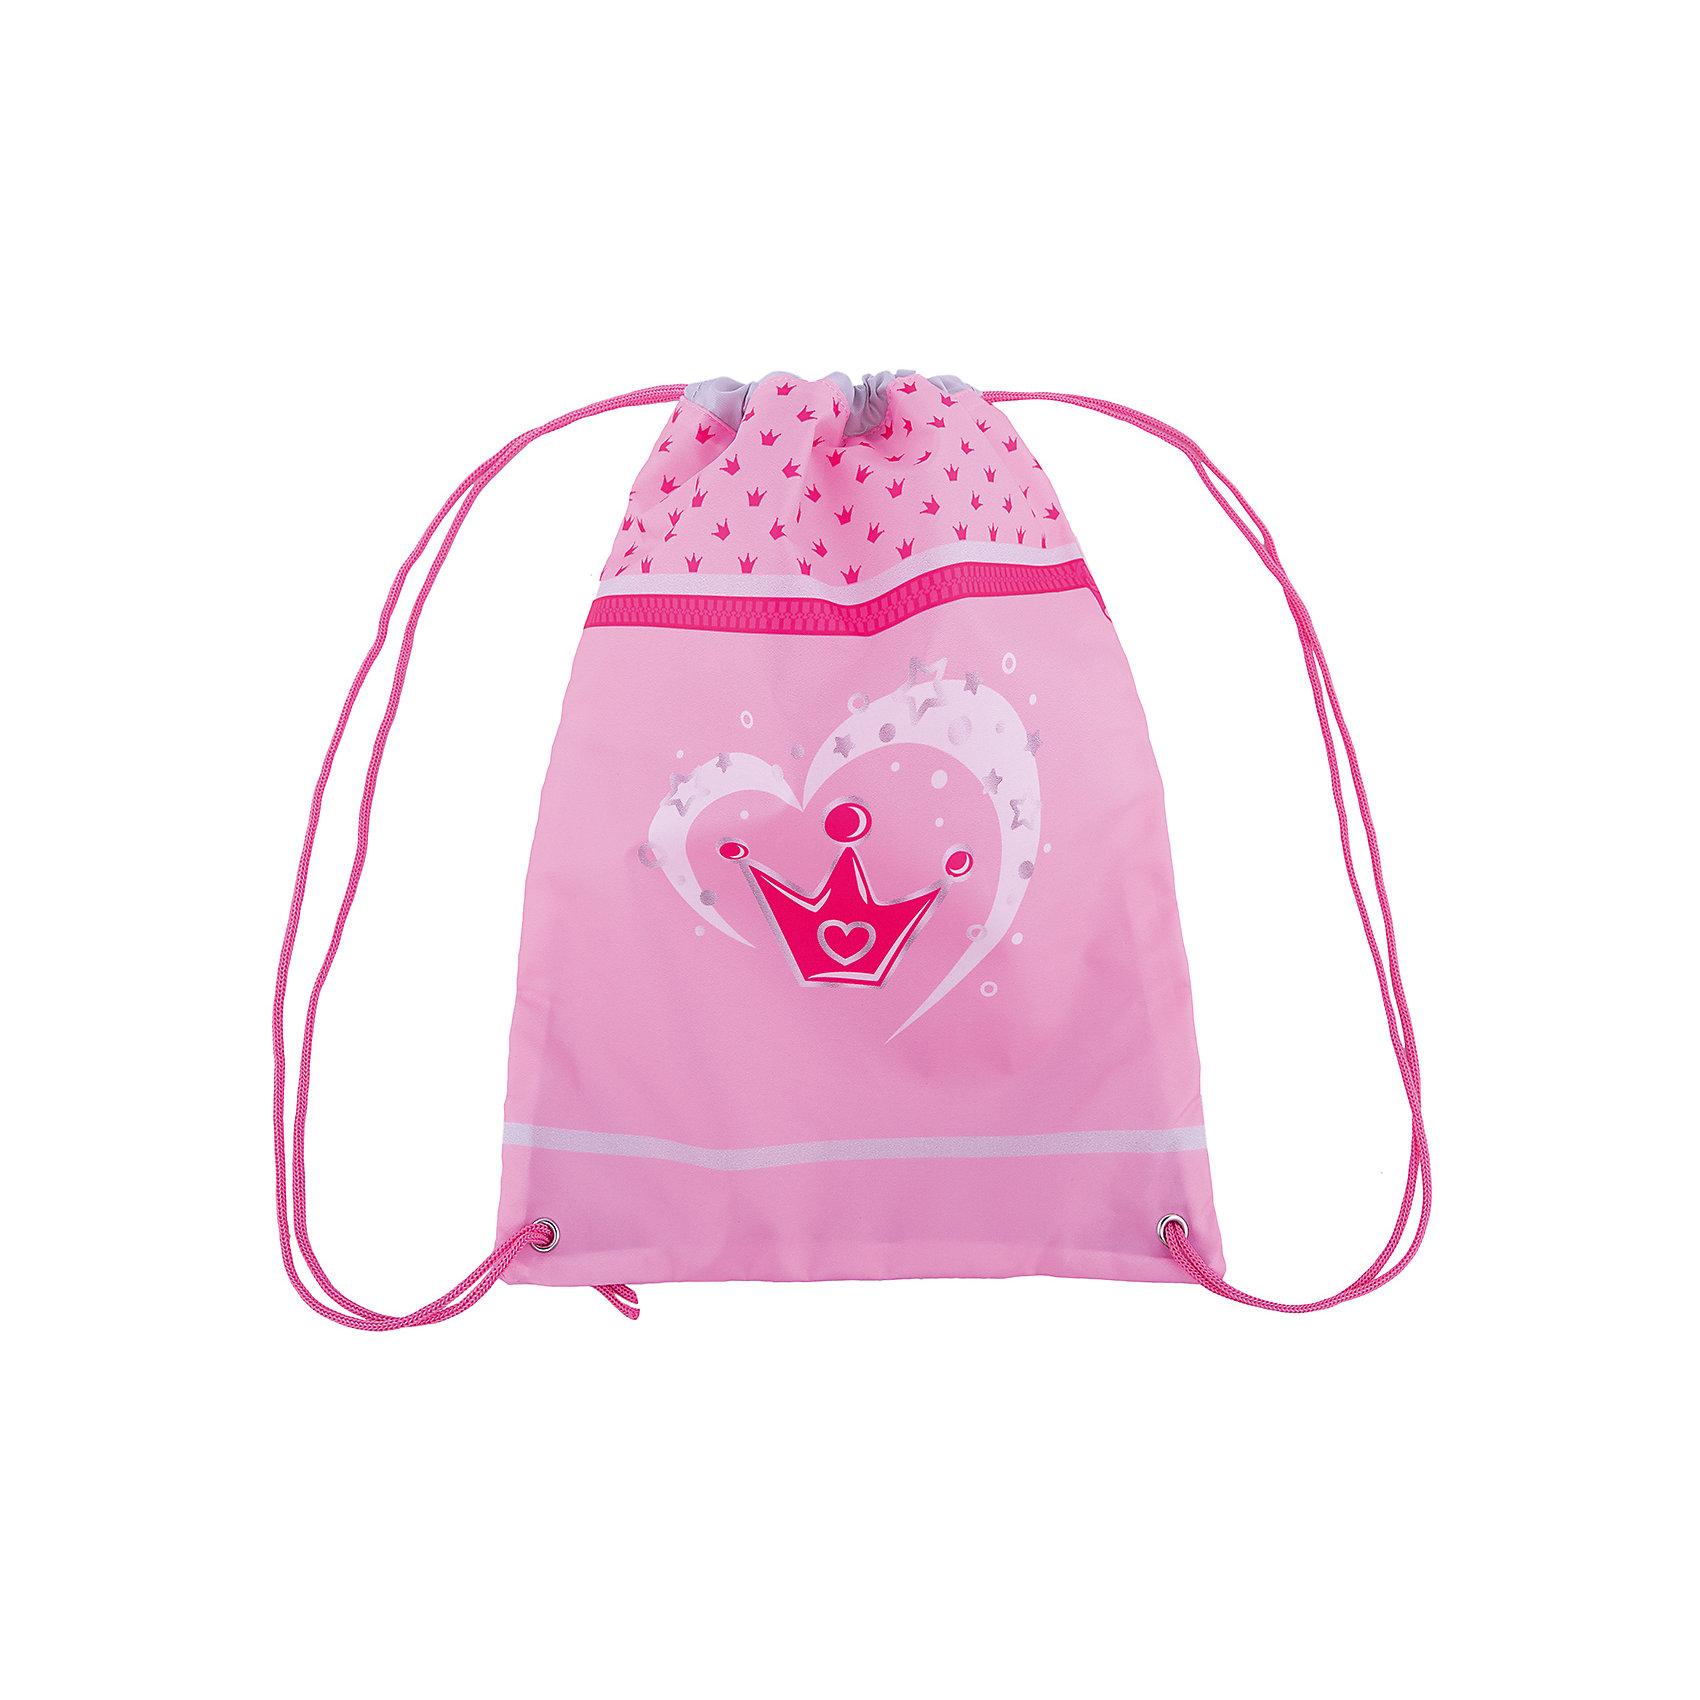 Мешок-рюкзак КоронаМешки для обуви<br>Мешок-рюкзак Корона, Mary Poppins (Мэри Поппинс)<br><br>Характеристики:<br><br>• одно основное отделение<br>• дополнительный карман на молнии<br>• утягивается с помощью шнурка<br>• материал: текстиль, пластик<br>• размер: 30х40 см<br>• размер упаковки: 30х40х1 см<br>• вес: 100 грамм<br><br>Мешок-рюкзак Корона порадует каждую юную принцессу. Он имеет одно вместительное отделение, которое отлично подойдет для спортивной или сменной обуви. Спереди есть небольшой карман на молнии. Мешок утягивается с помощью прочных лямок-шнурков. Изделие выполнено из плотного материала, устойчивого к влаге. Спереди мешок украшен красивым принтом с изображением короны.<br><br>Мешок-рюкзак Корона, Mary Poppins (Мэри Поппинс) можно купить в нашем интернет-магазине.<br><br>Ширина мм: 300<br>Глубина мм: 400<br>Высота мм: 100<br>Вес г: 40<br>Возраст от месяцев: 36<br>Возраст до месяцев: 2147483647<br>Пол: Женский<br>Возраст: Детский<br>SKU: 5508533